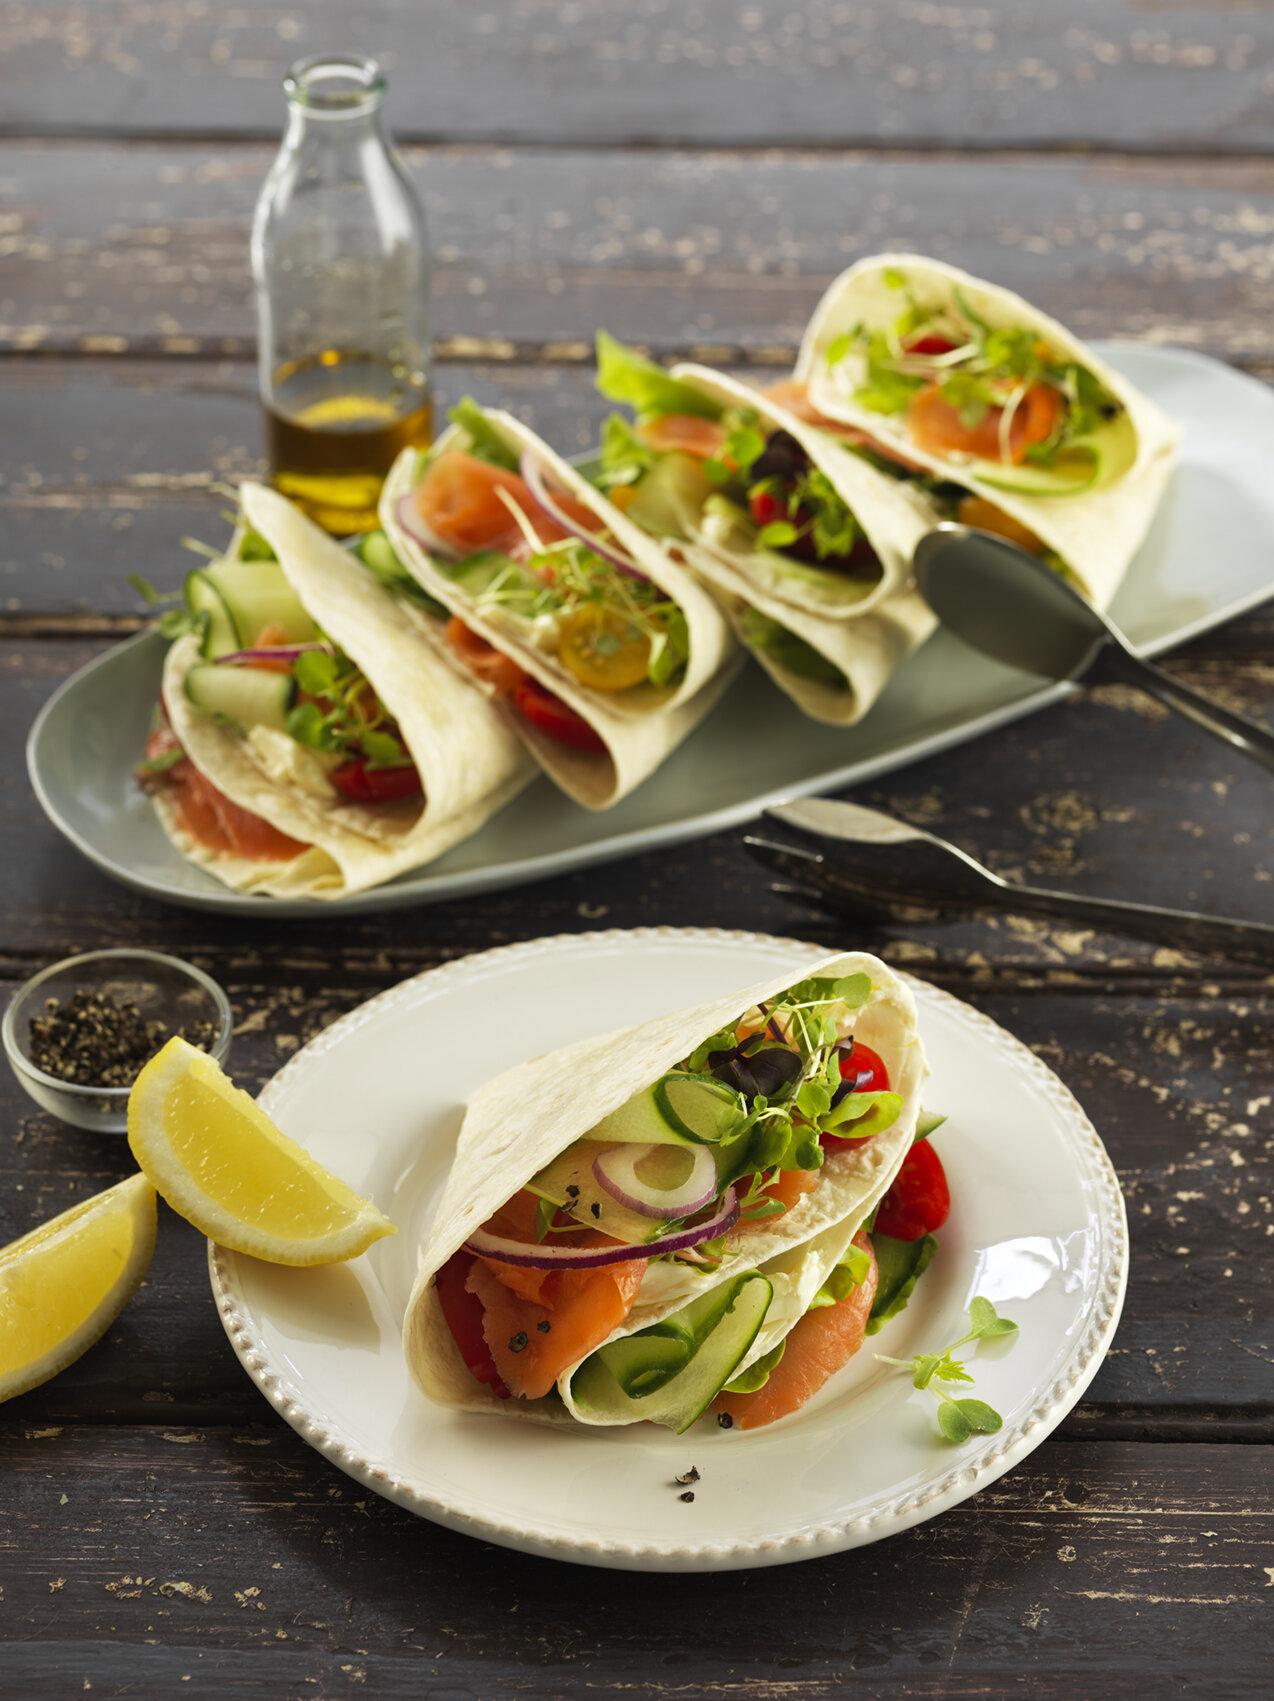 2015 - FS Wraps Smoked Salmon and Cream Cheese Wraps.jpg